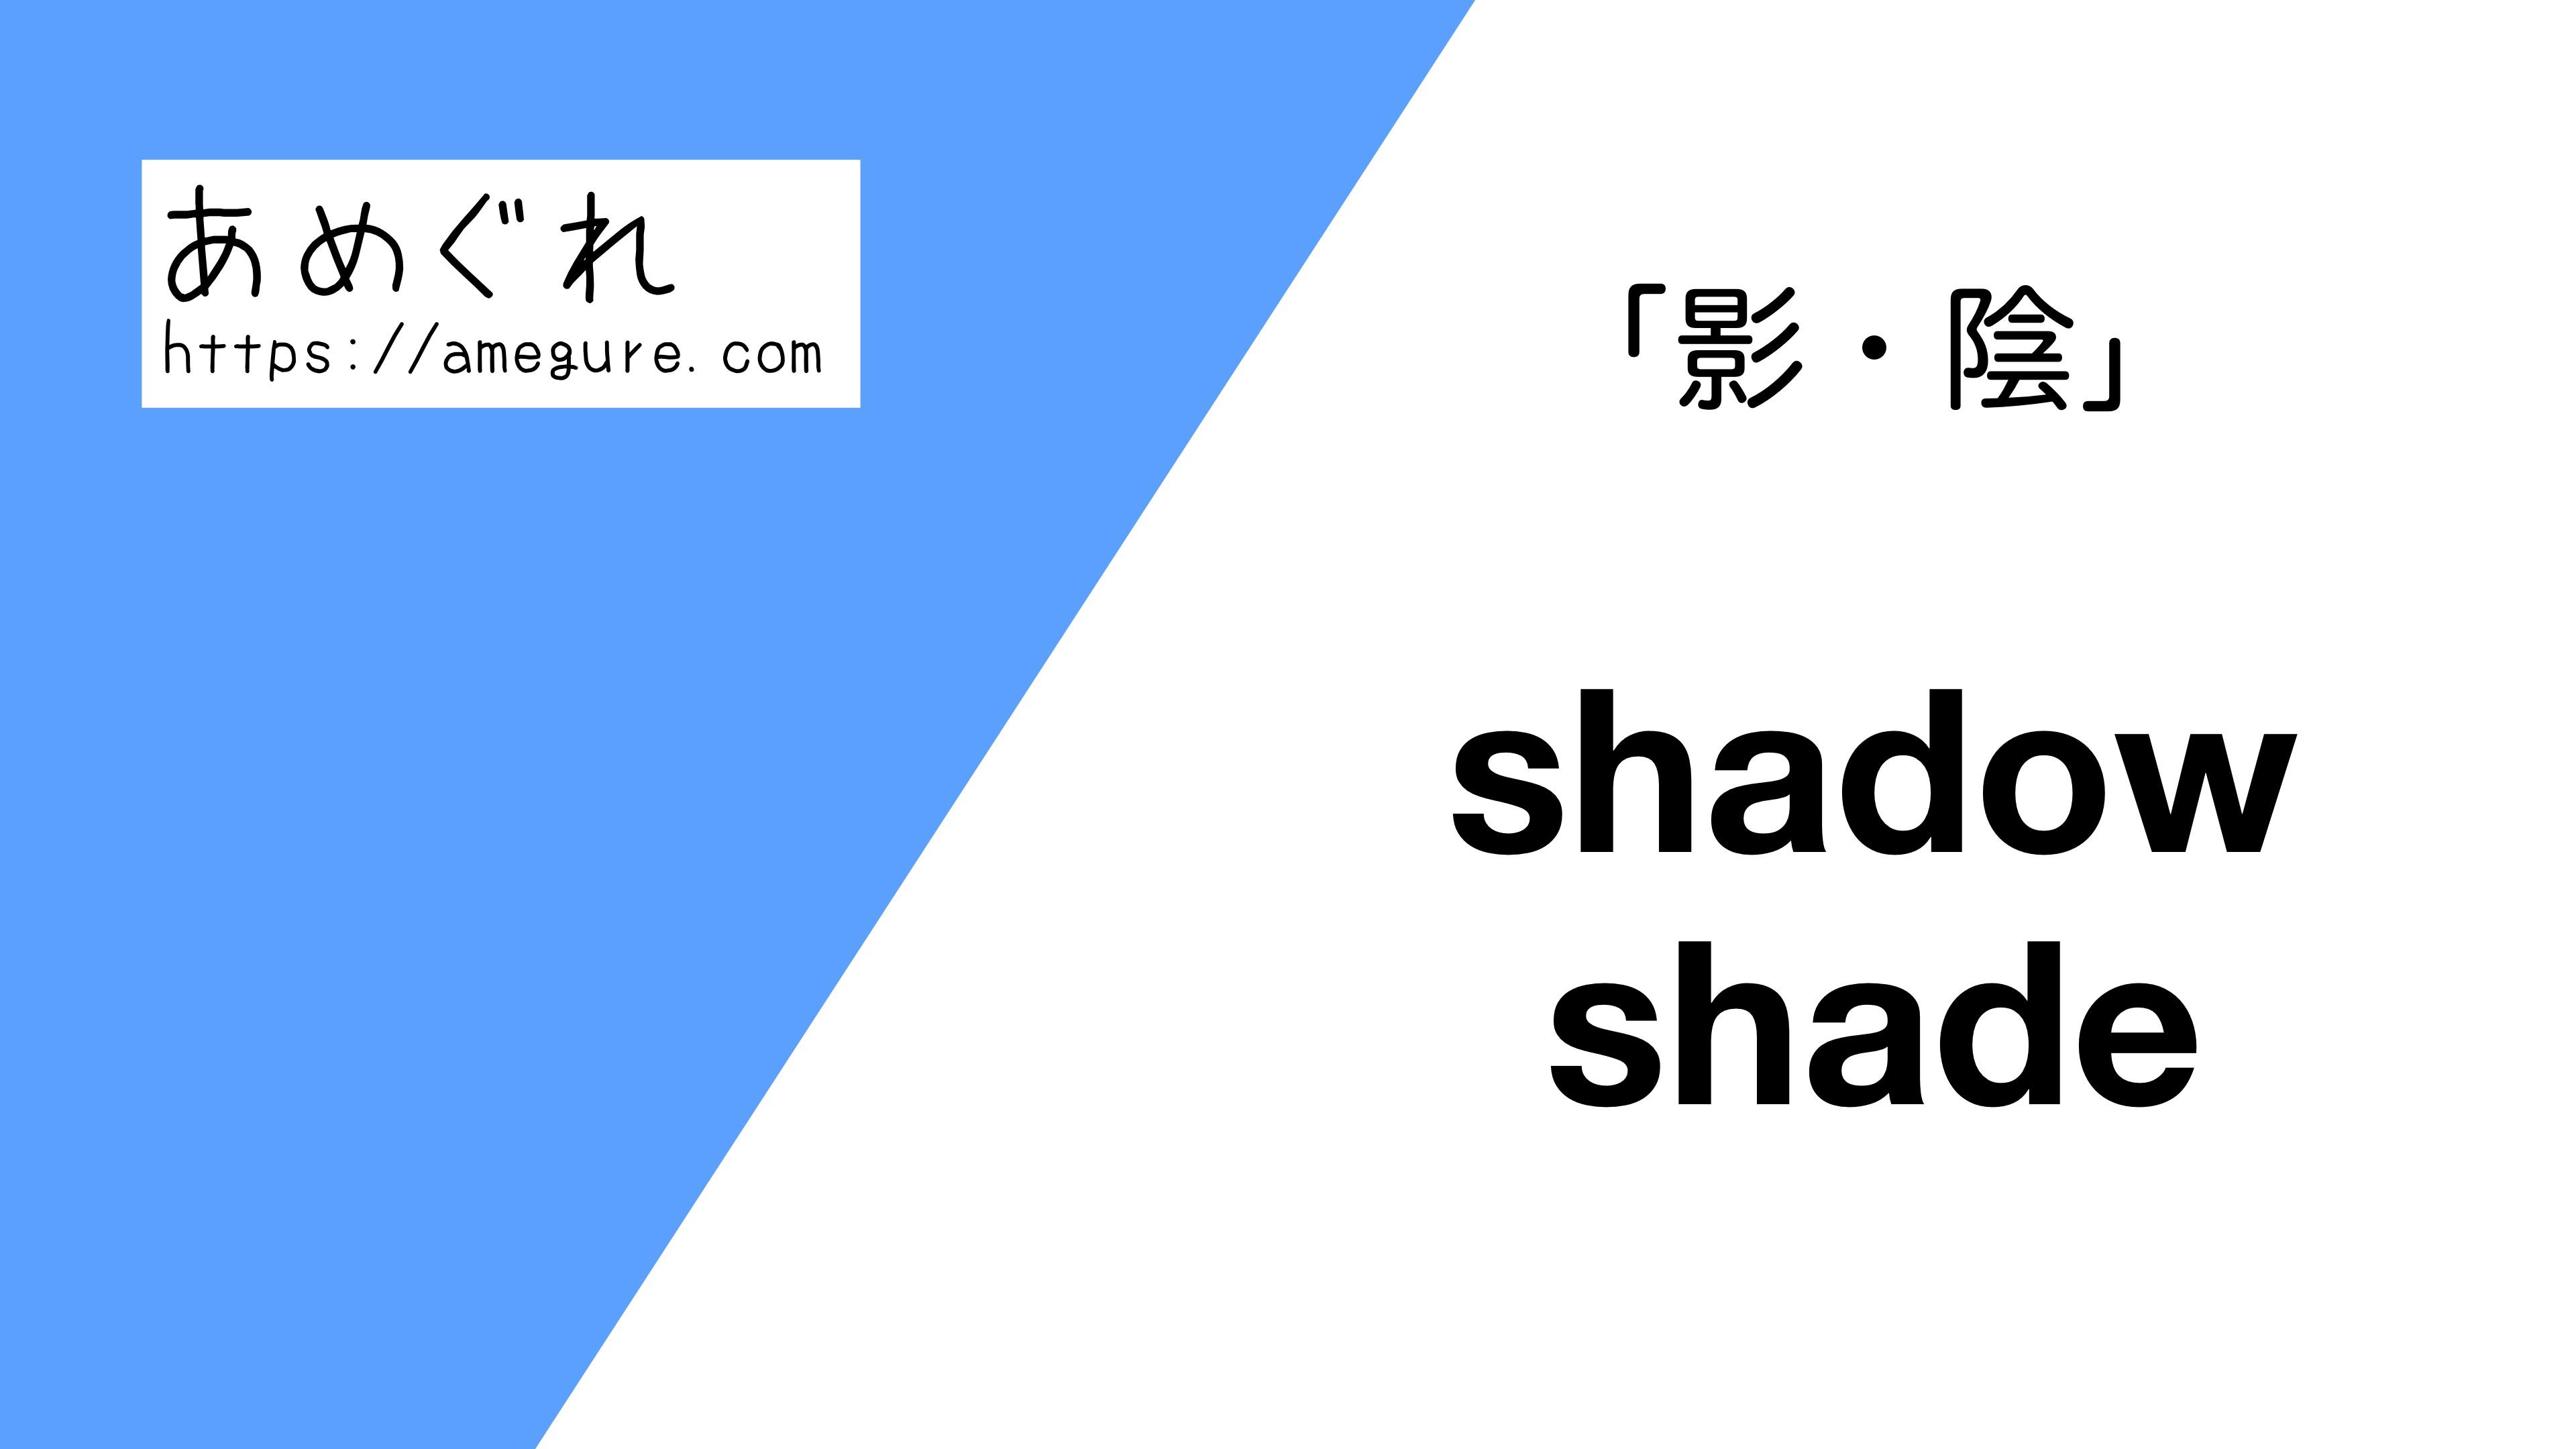 shadow-shade違い